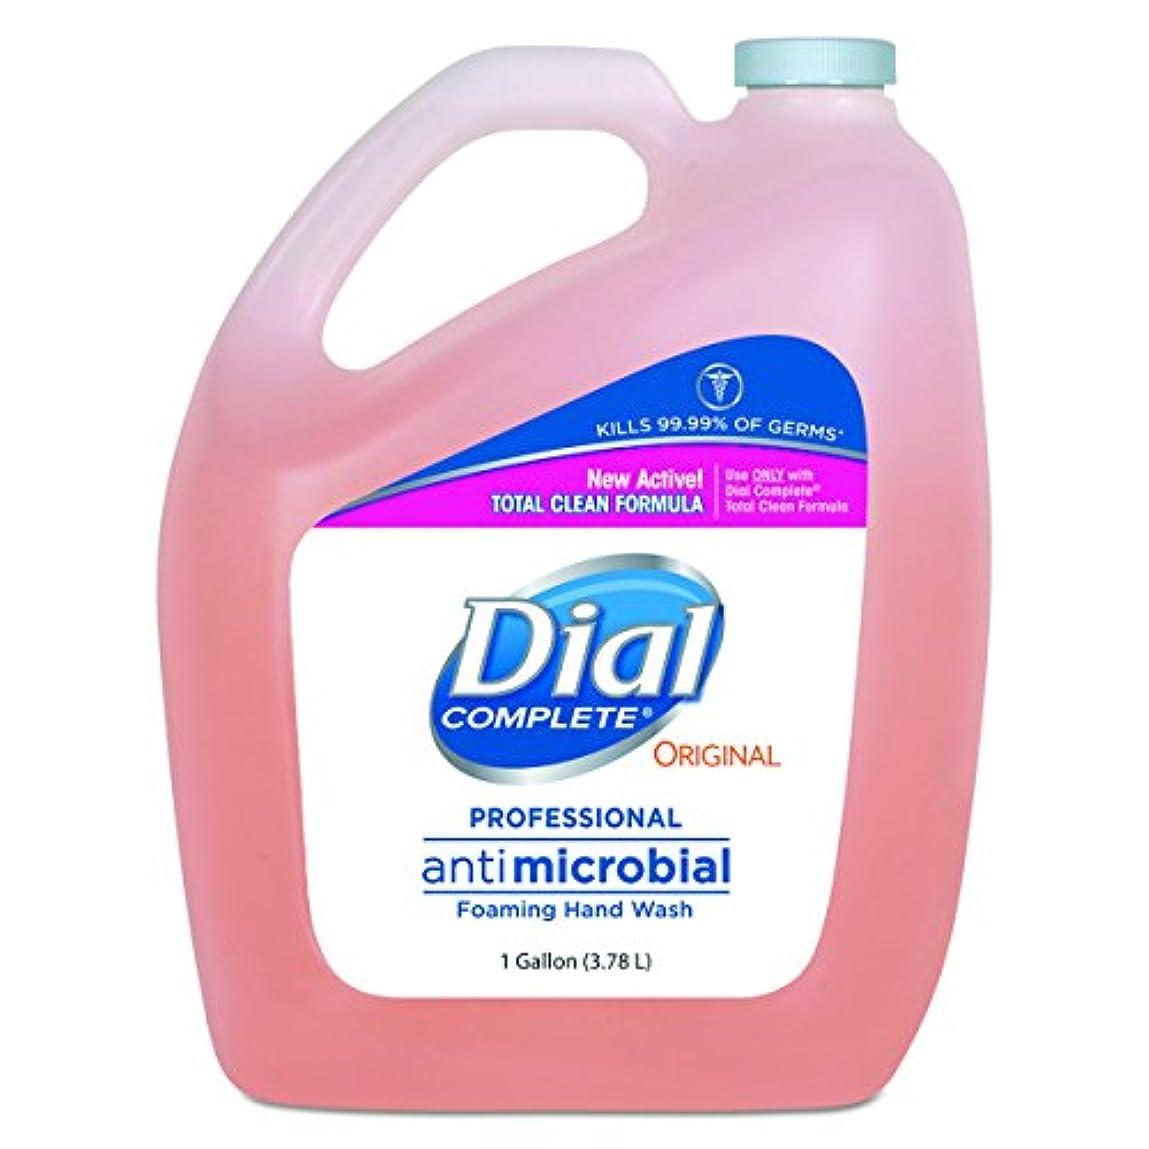 レーニン主義バレエ問い合わせダイヤルProfessional抗菌Foaming Hand Soap、元香り, 1 gal。、4 /カートン